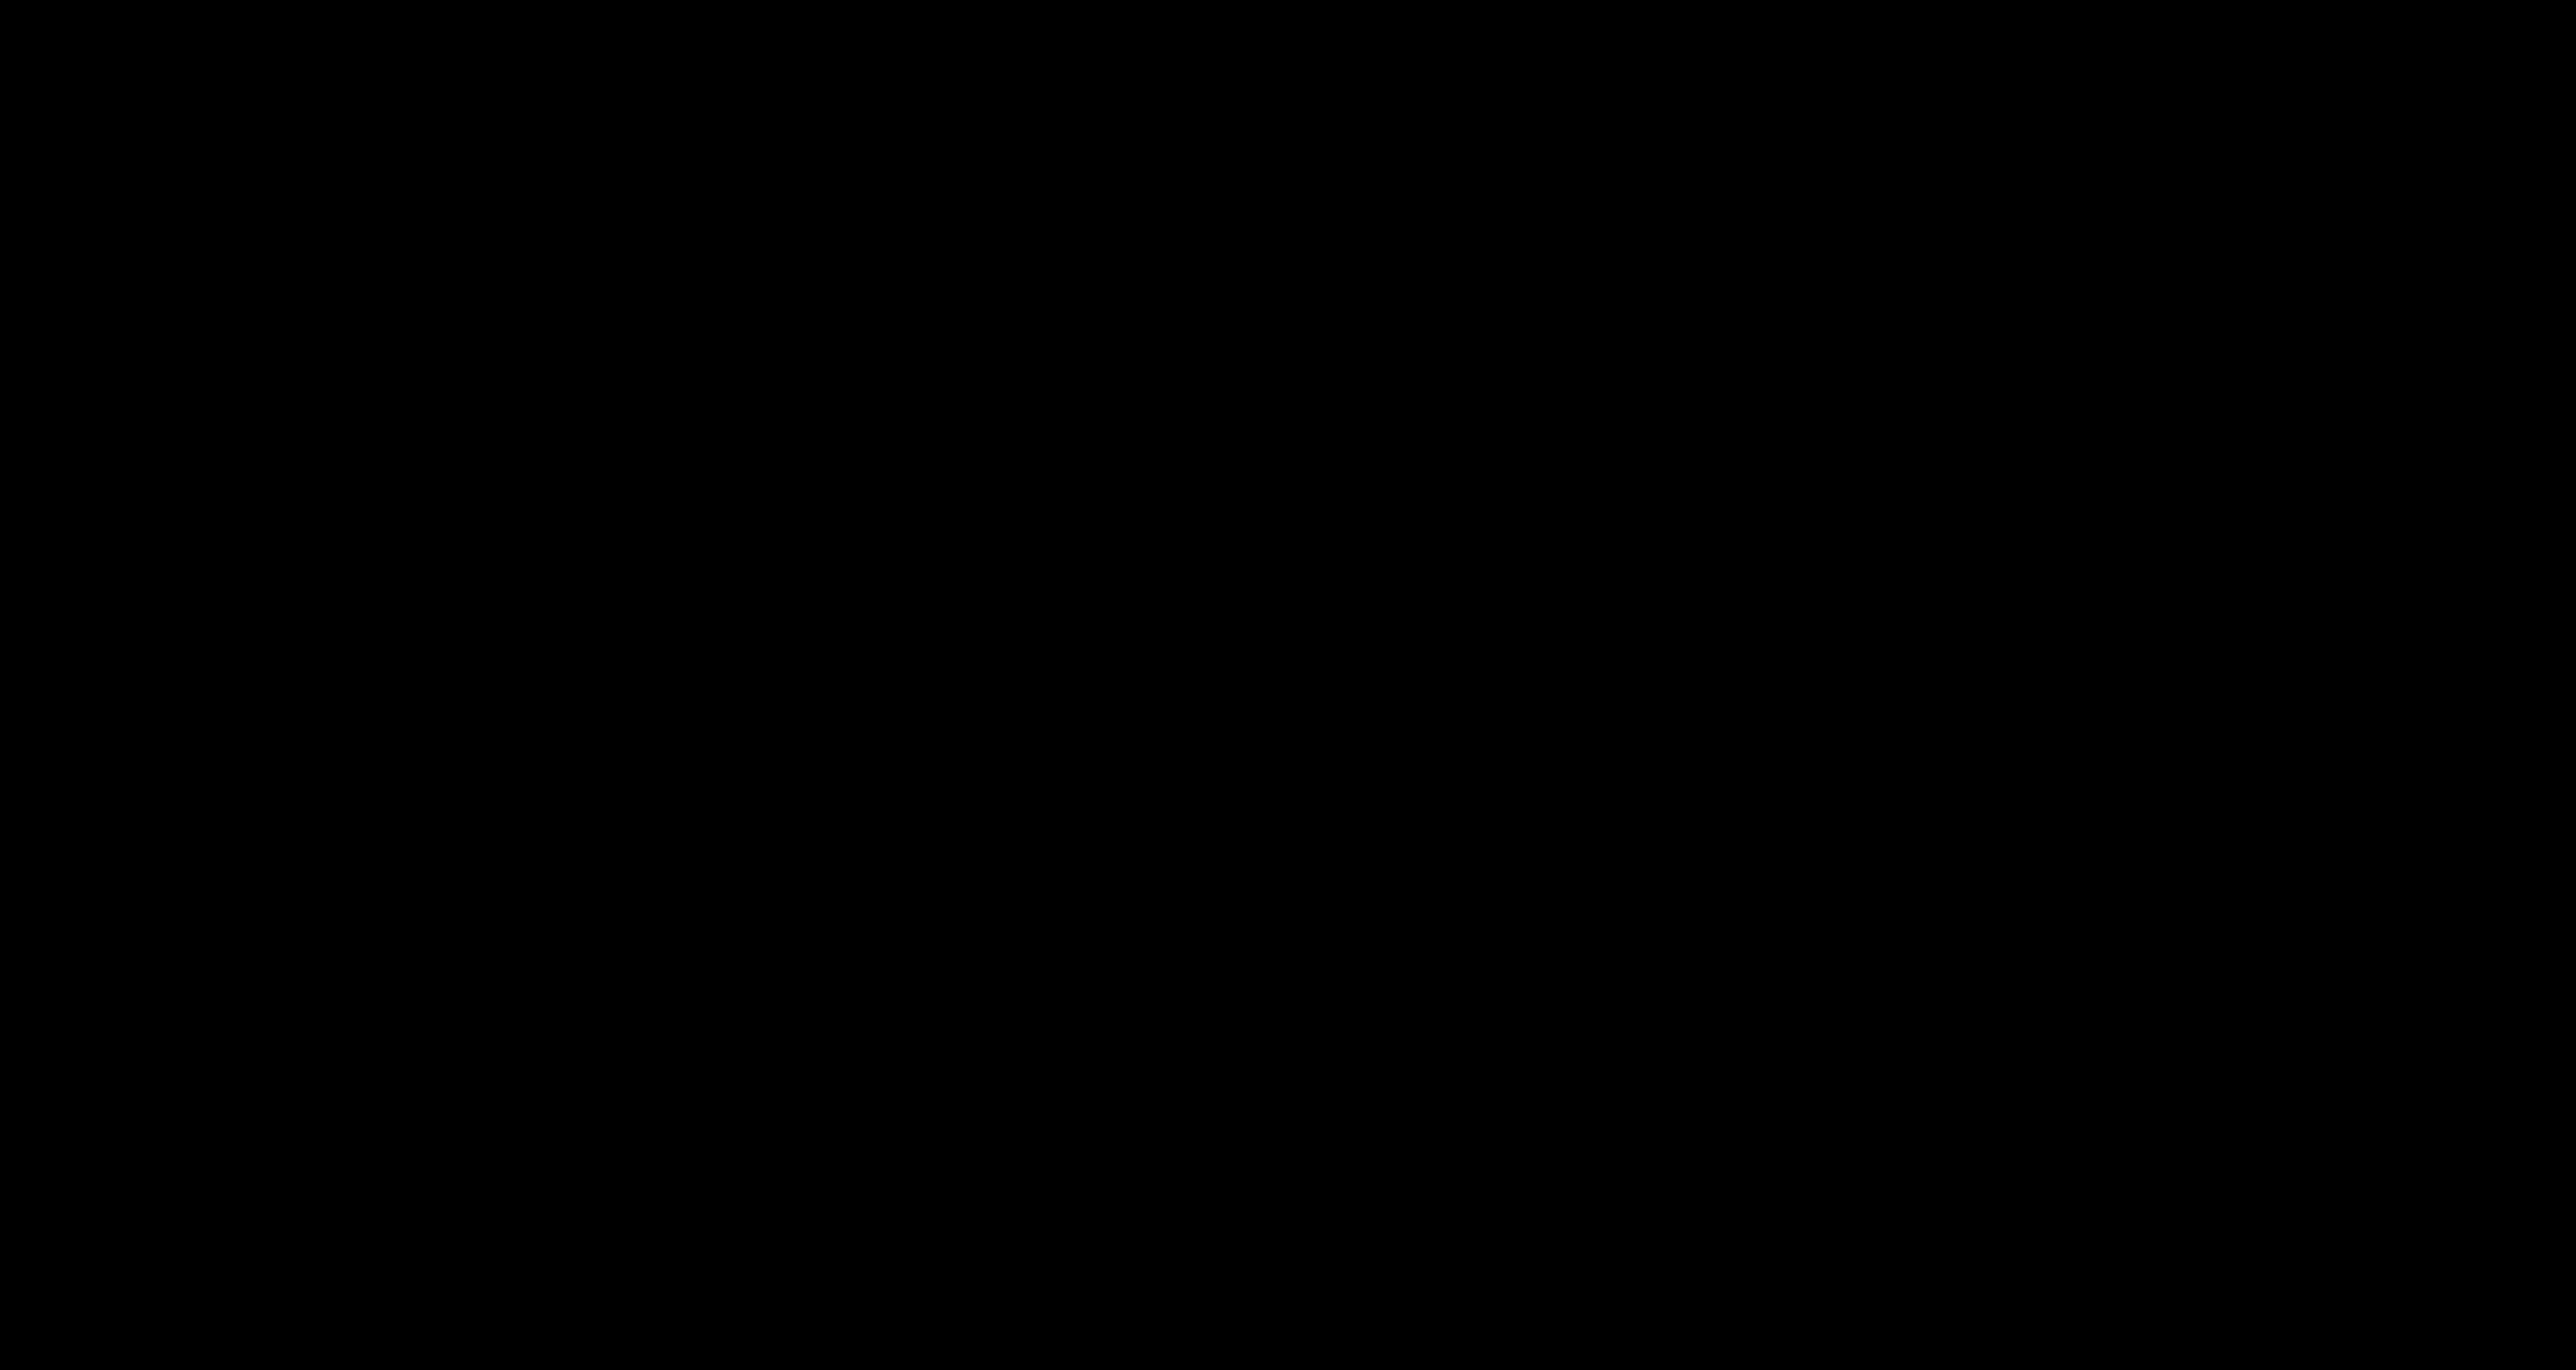 دريس ليلي - Dresslily